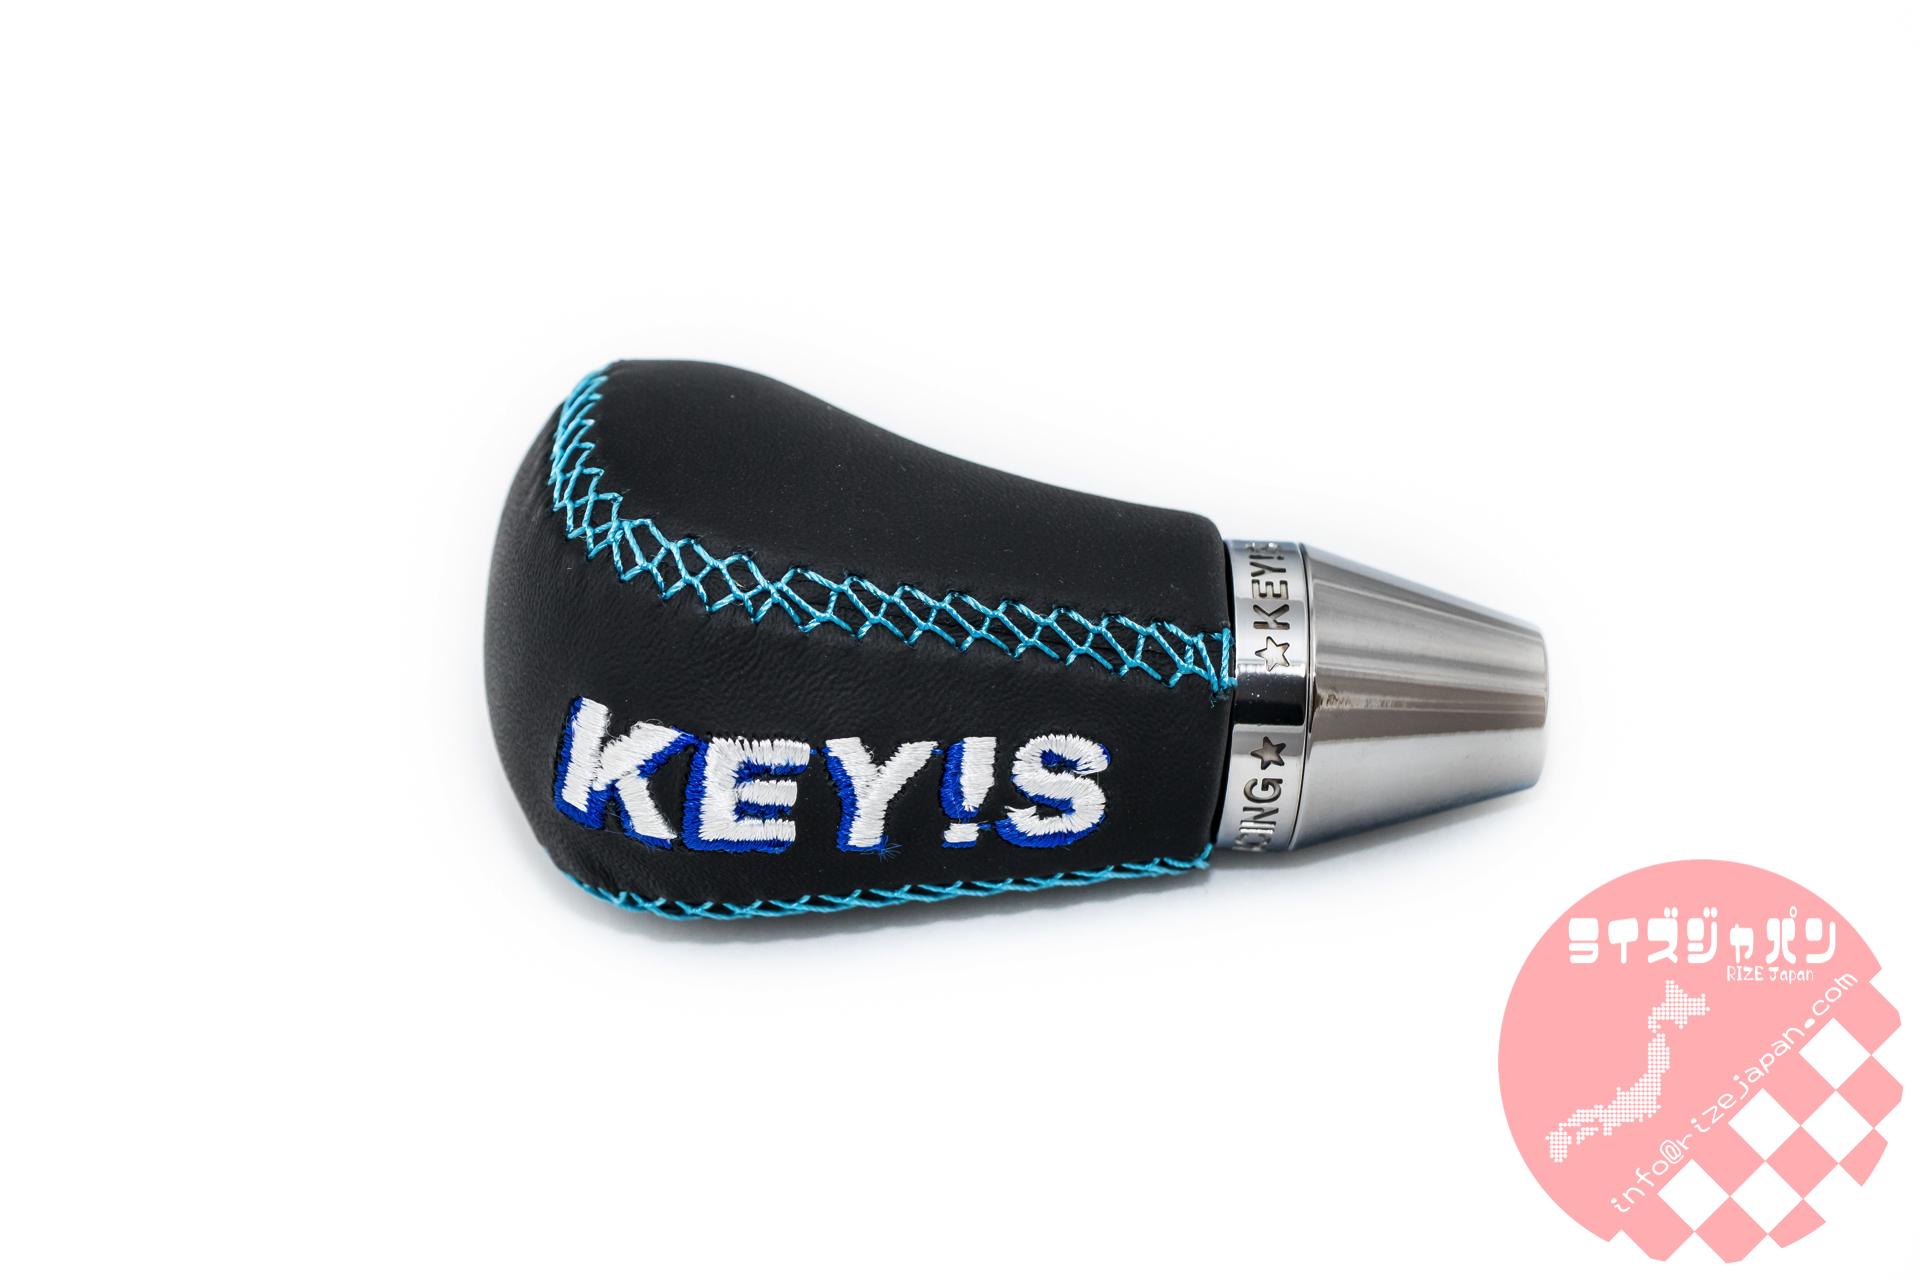 キーズレーシング シフトノブ レザー / Key's racing Shift knob LEATHER